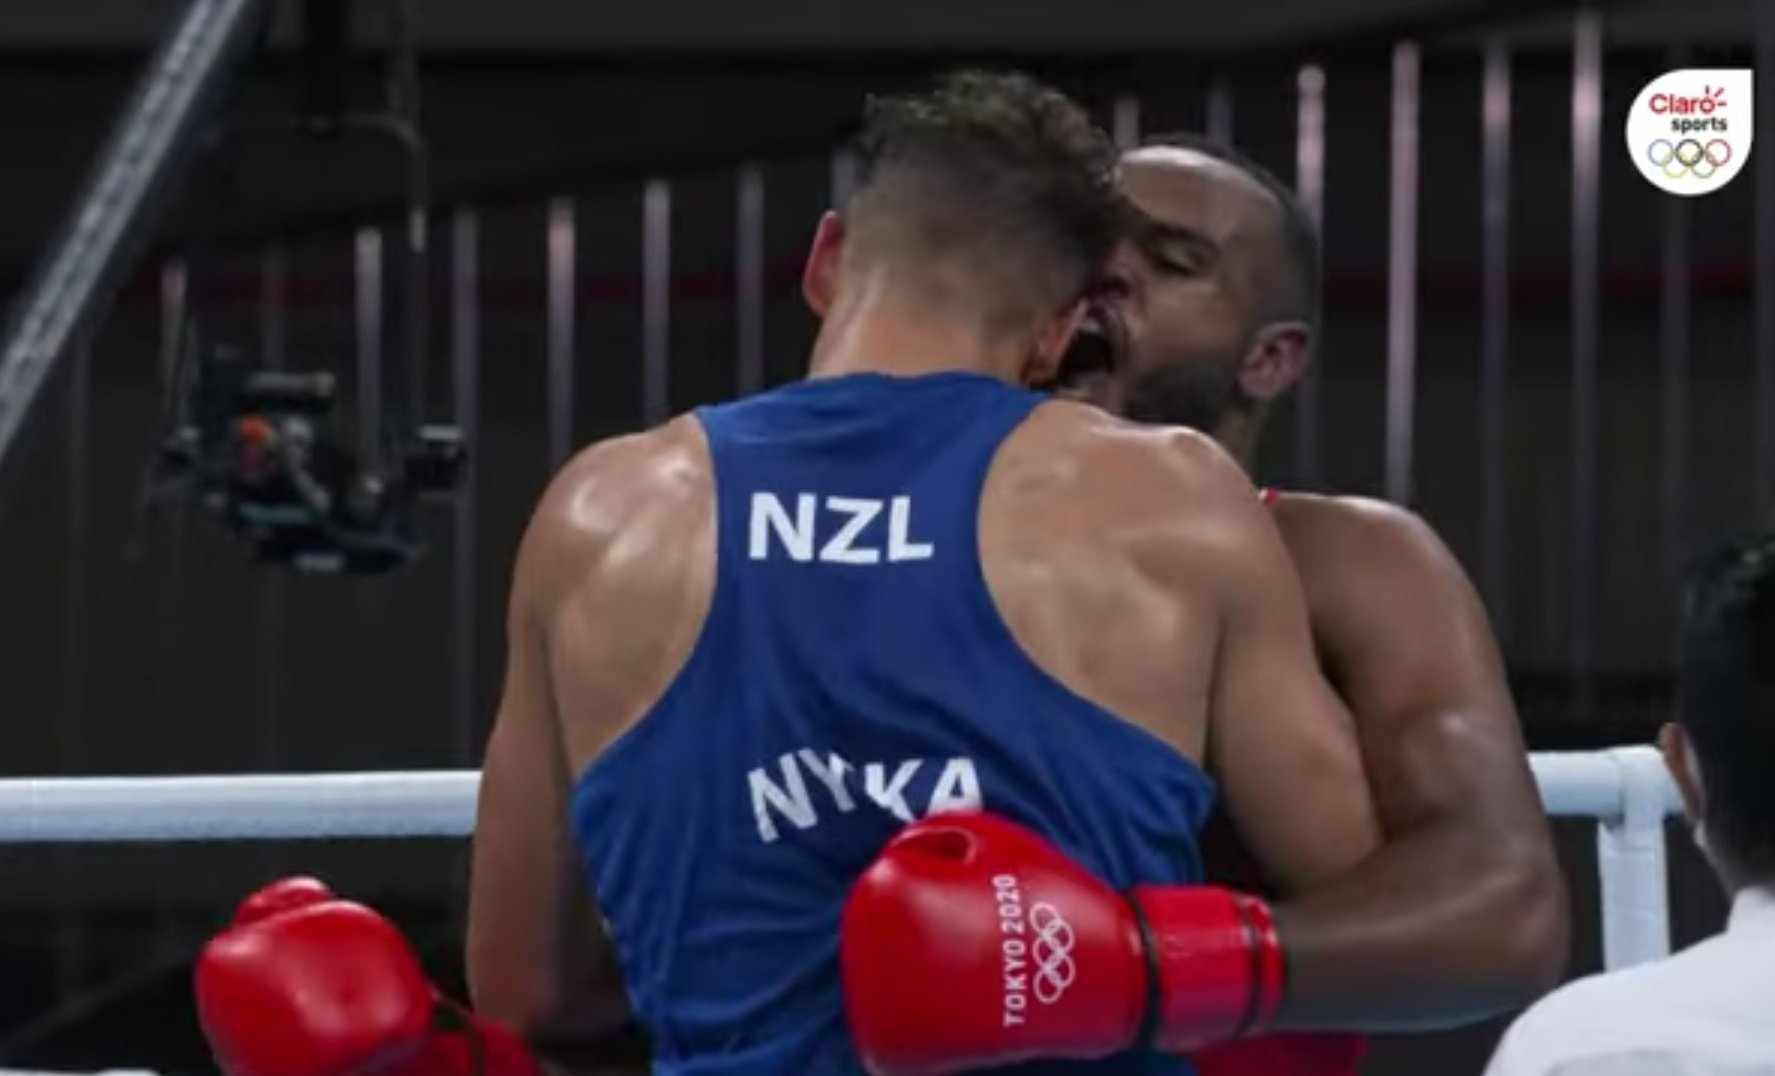 Boxeo en Tokio 2020: ¡Mordió la oreja de su rival!